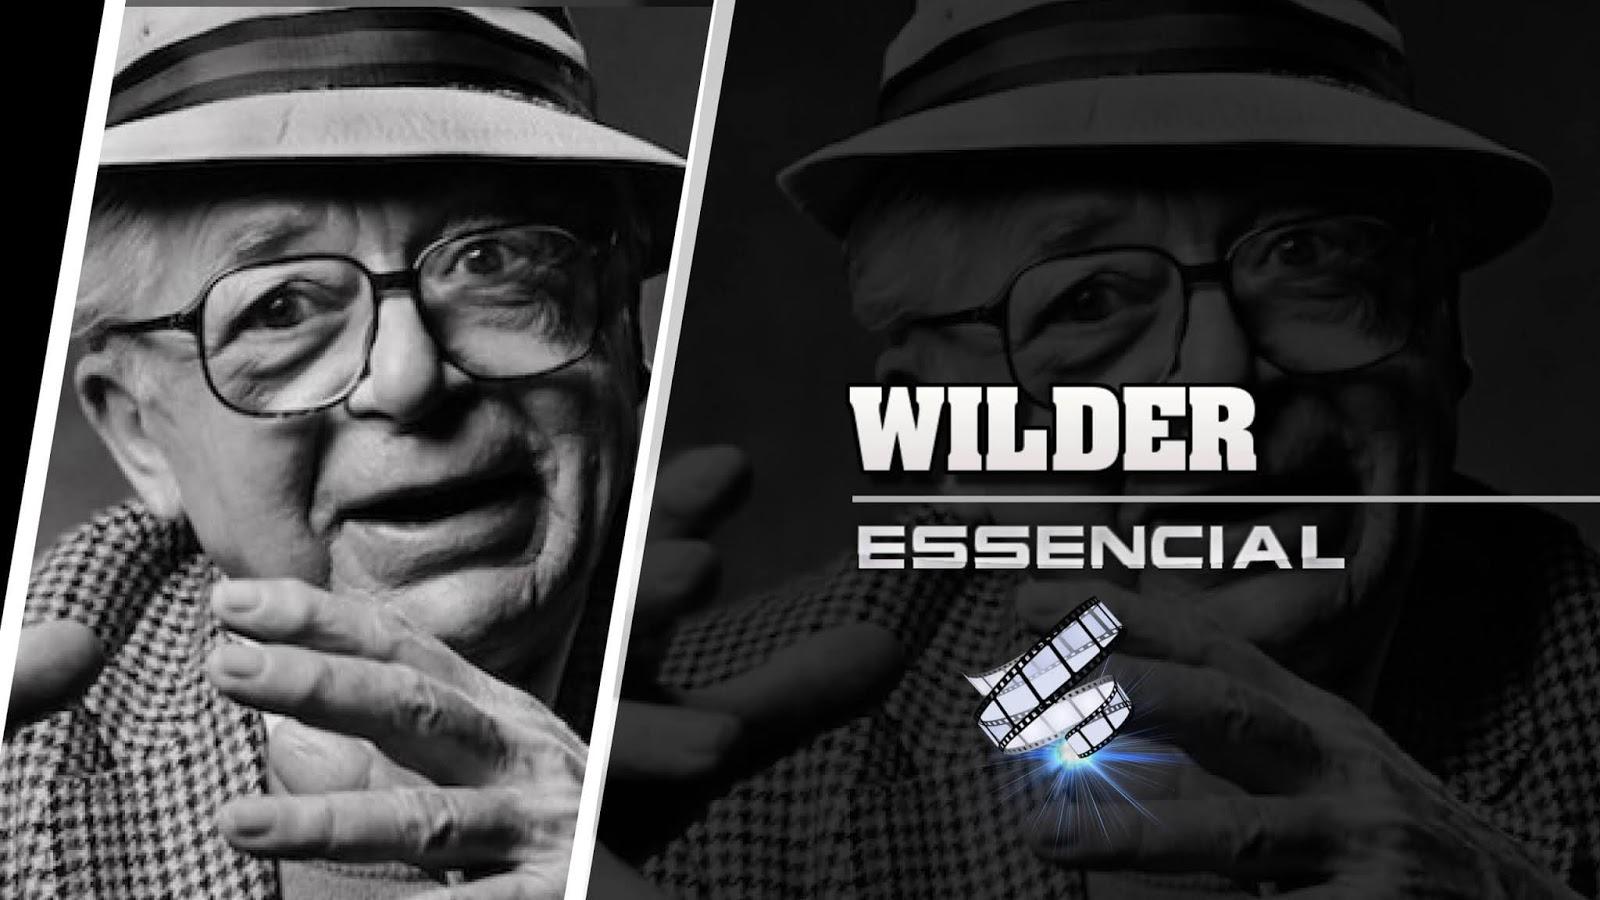 billy-wilder-10-filmes-essenciais